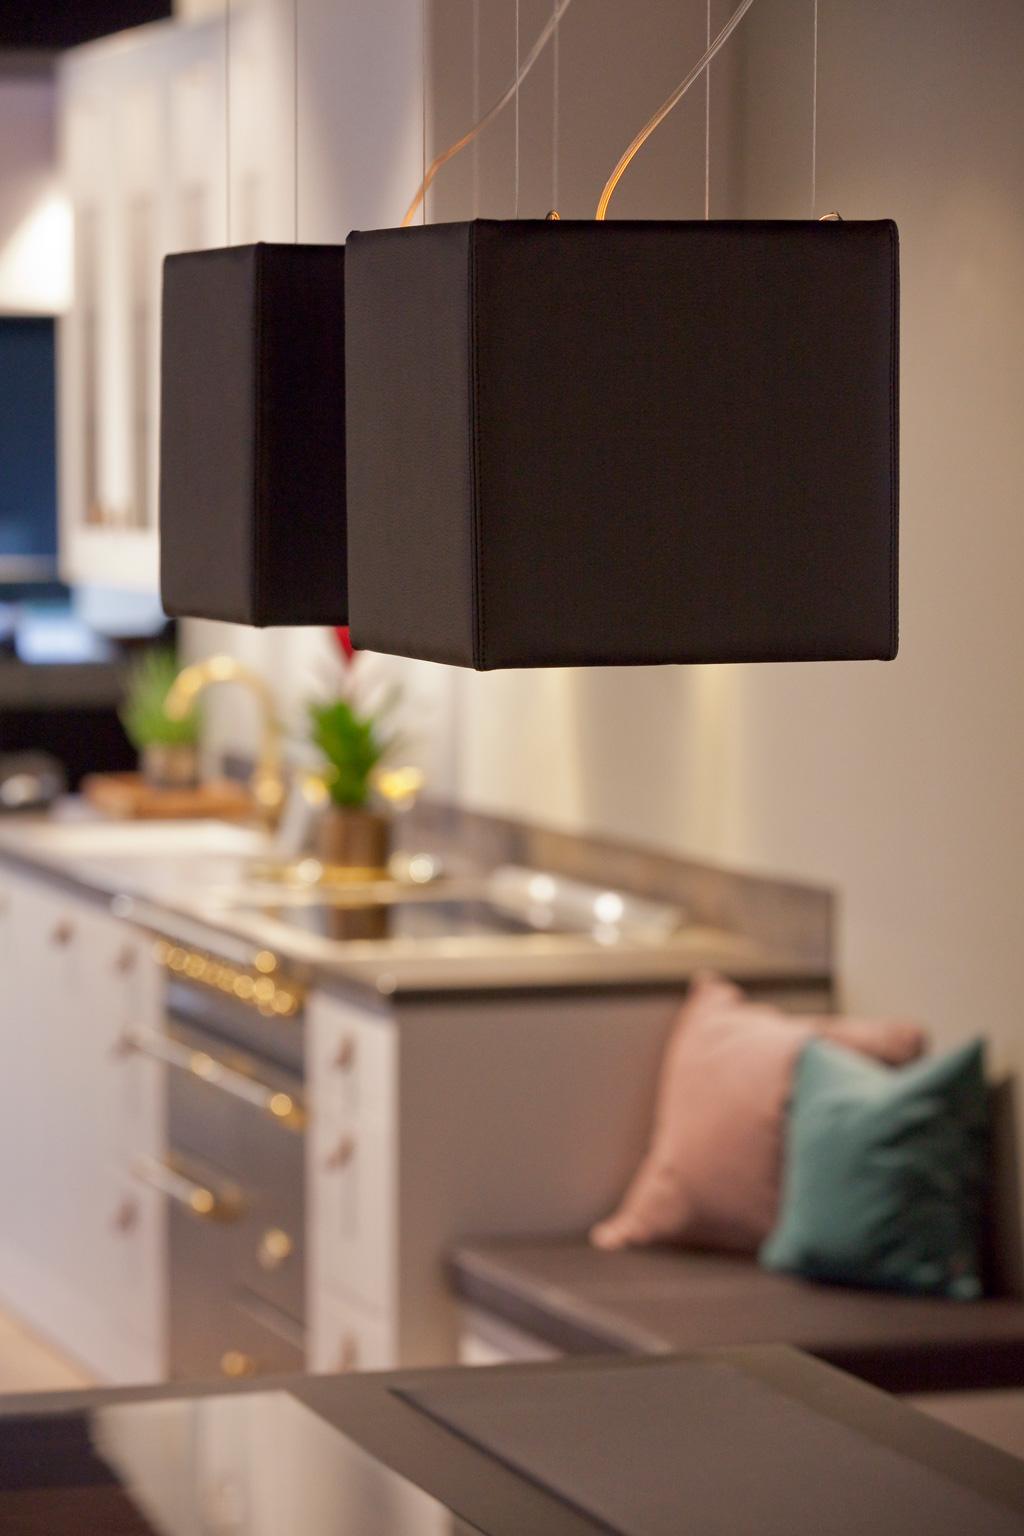 Taklamper i kjøkkenmiljø